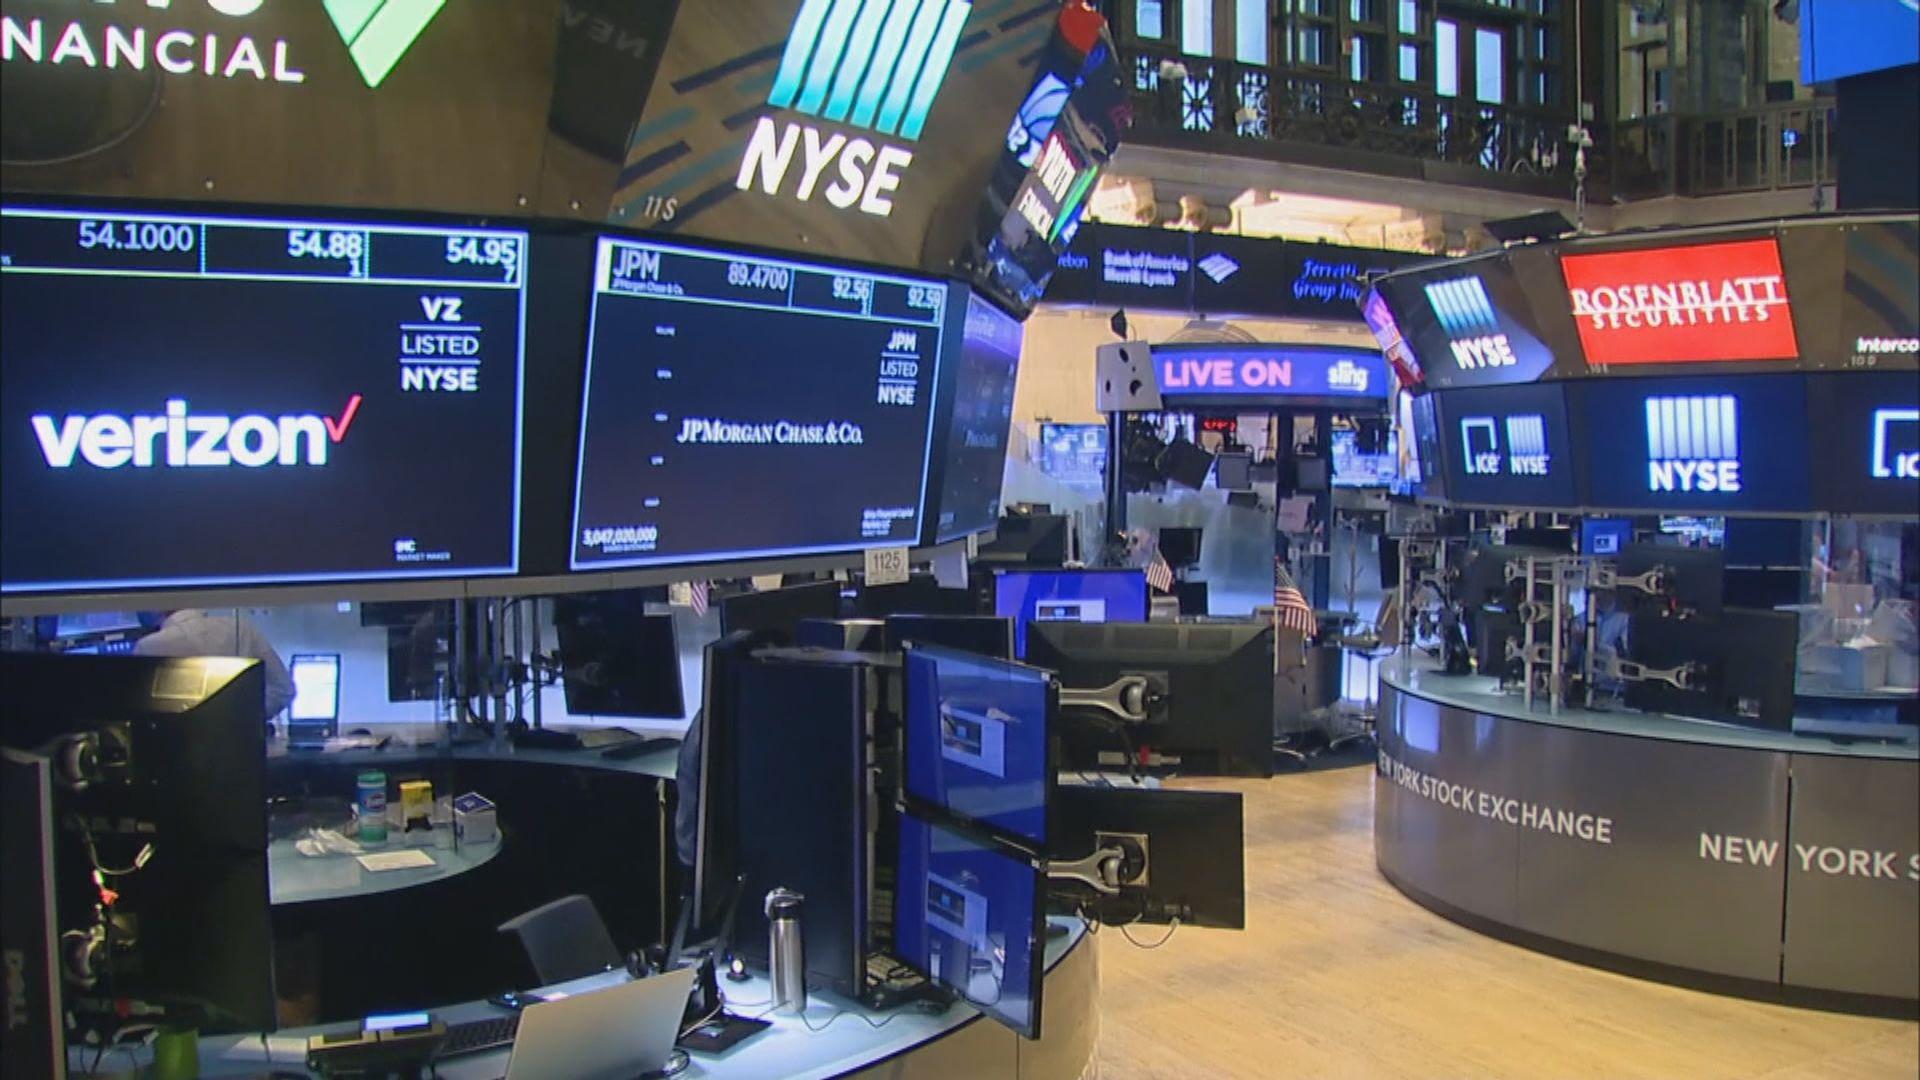 波音升支持道指破頂 銀行股跌累標指低收